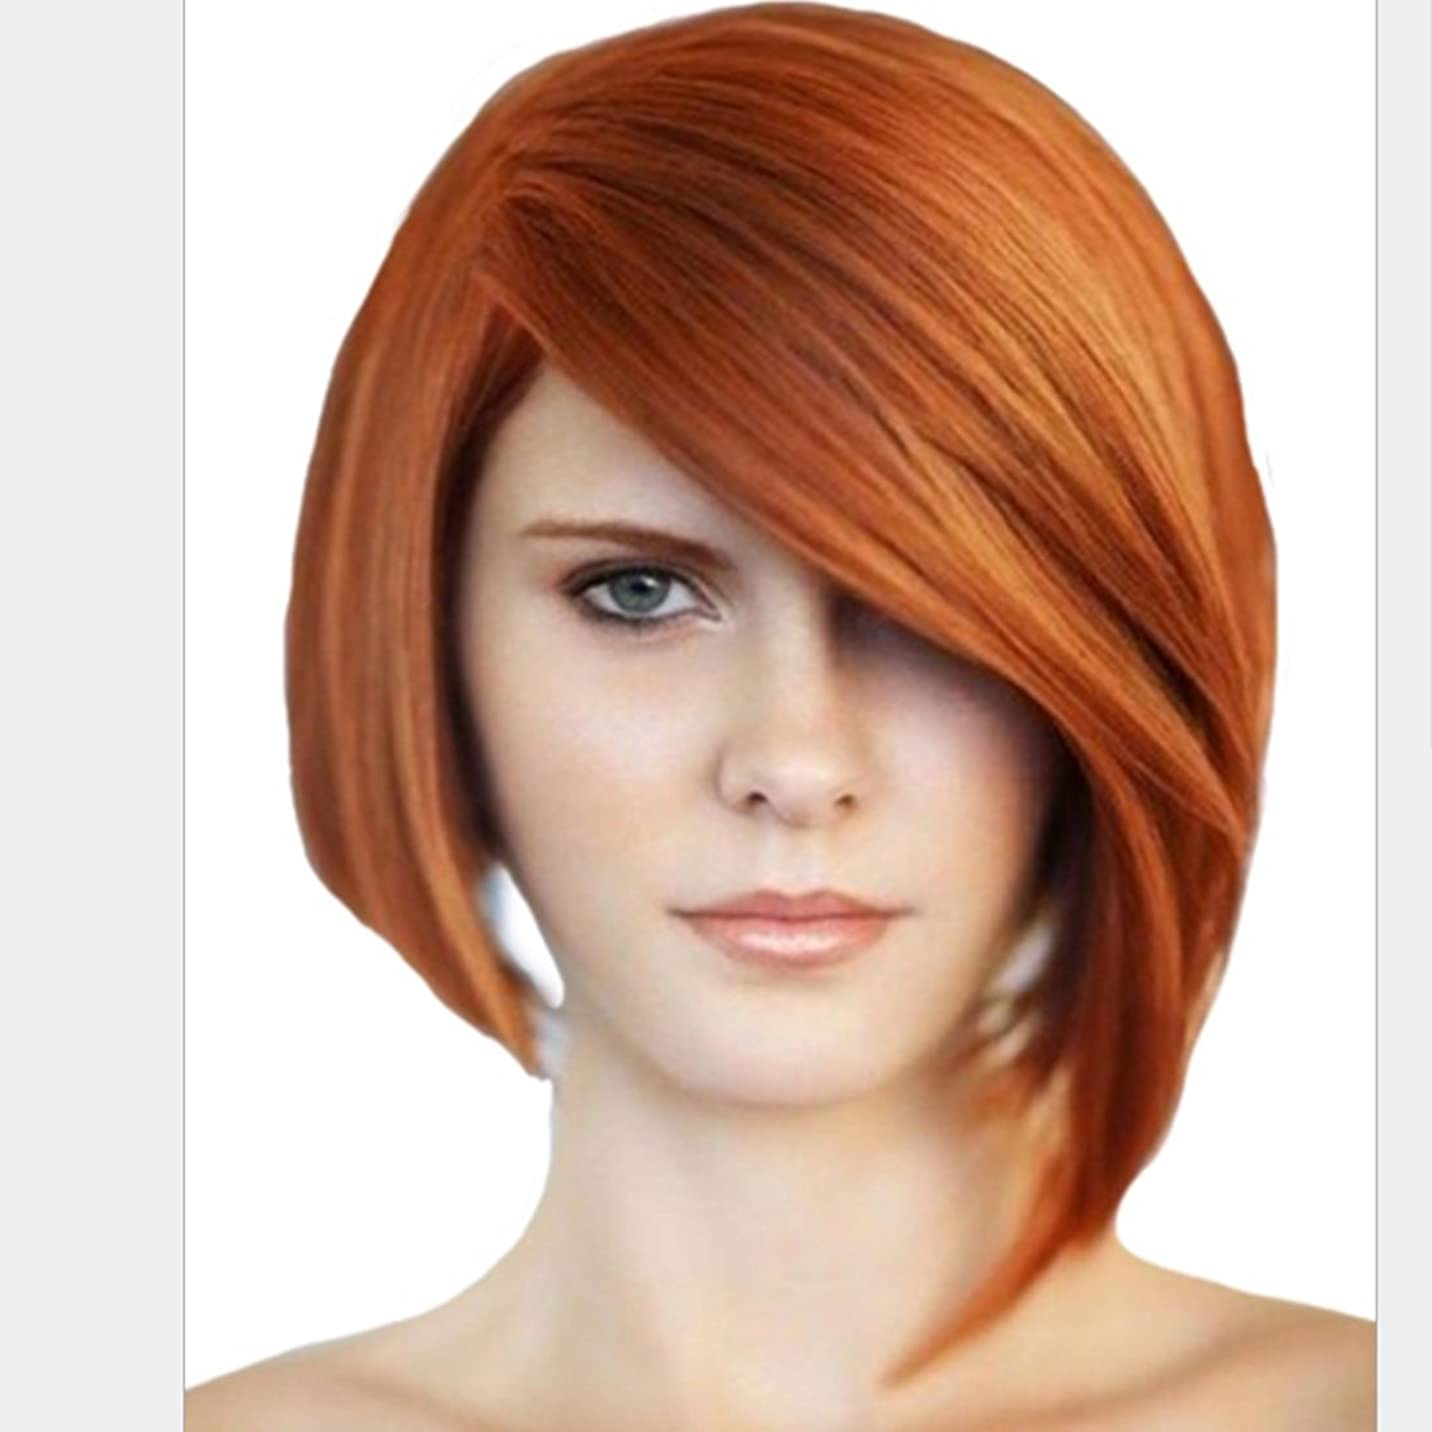 執着確実媒染剤Doyvanntgo 女性のための化学繊維のゴールドウィッグ斜めのバゲットとショートストレートヘアヘアホワイトヘッド女性のための8センチメートルの抵抗のウィッグ (Color : Gold)